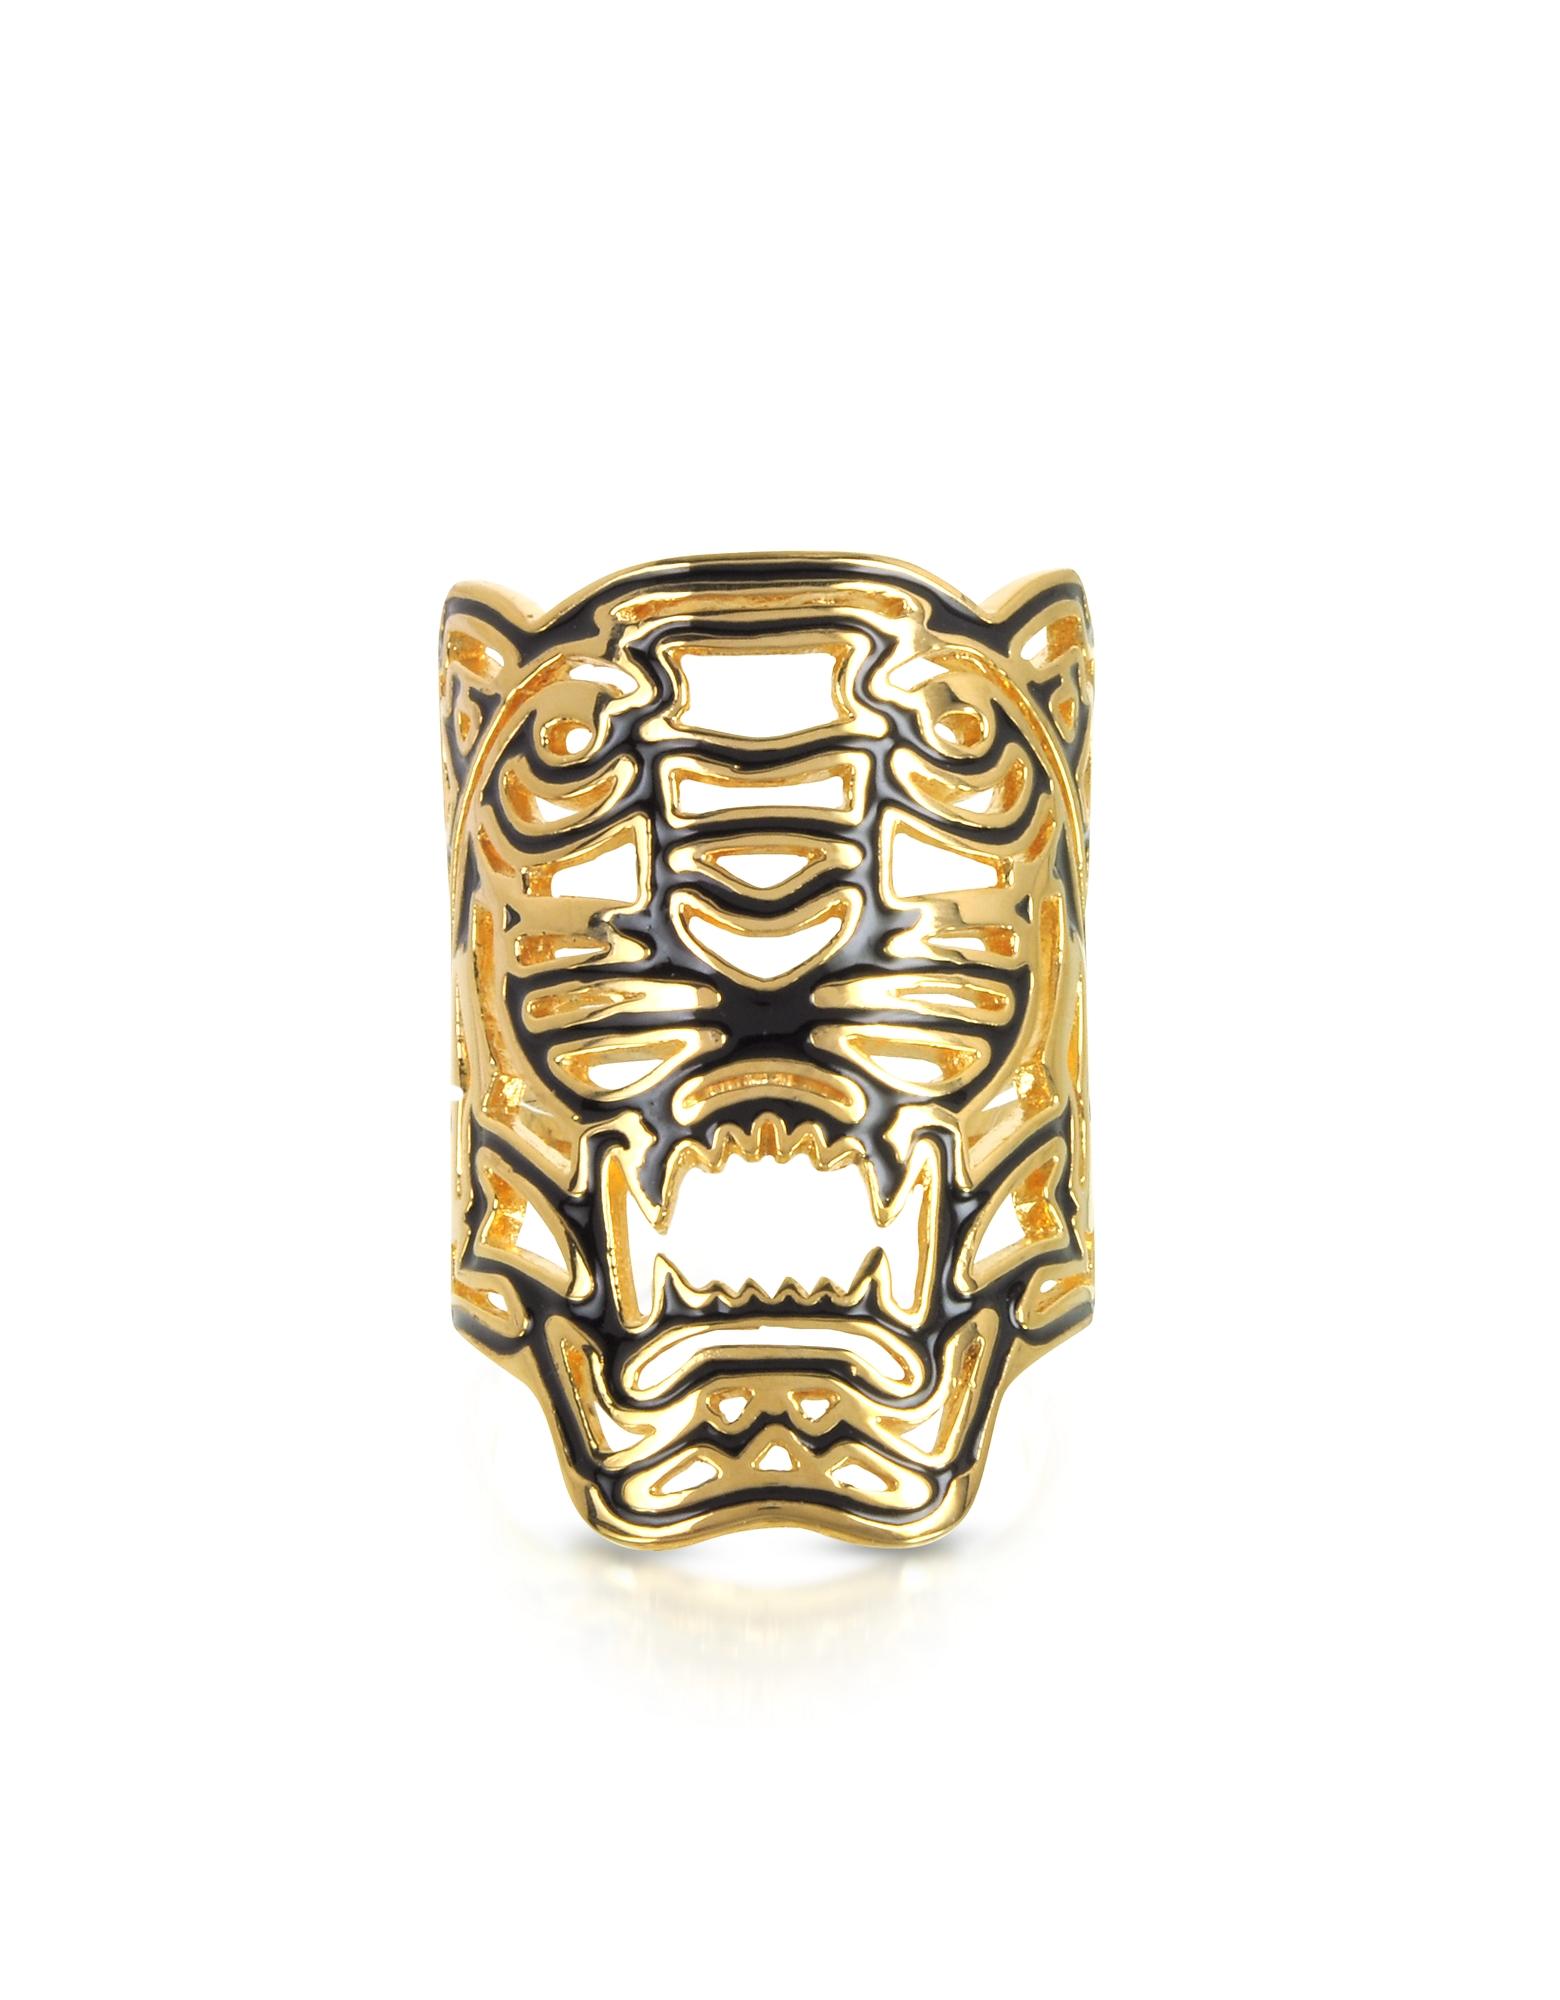 Maxi Tiger - Позолоченное Кольцо с Тигром